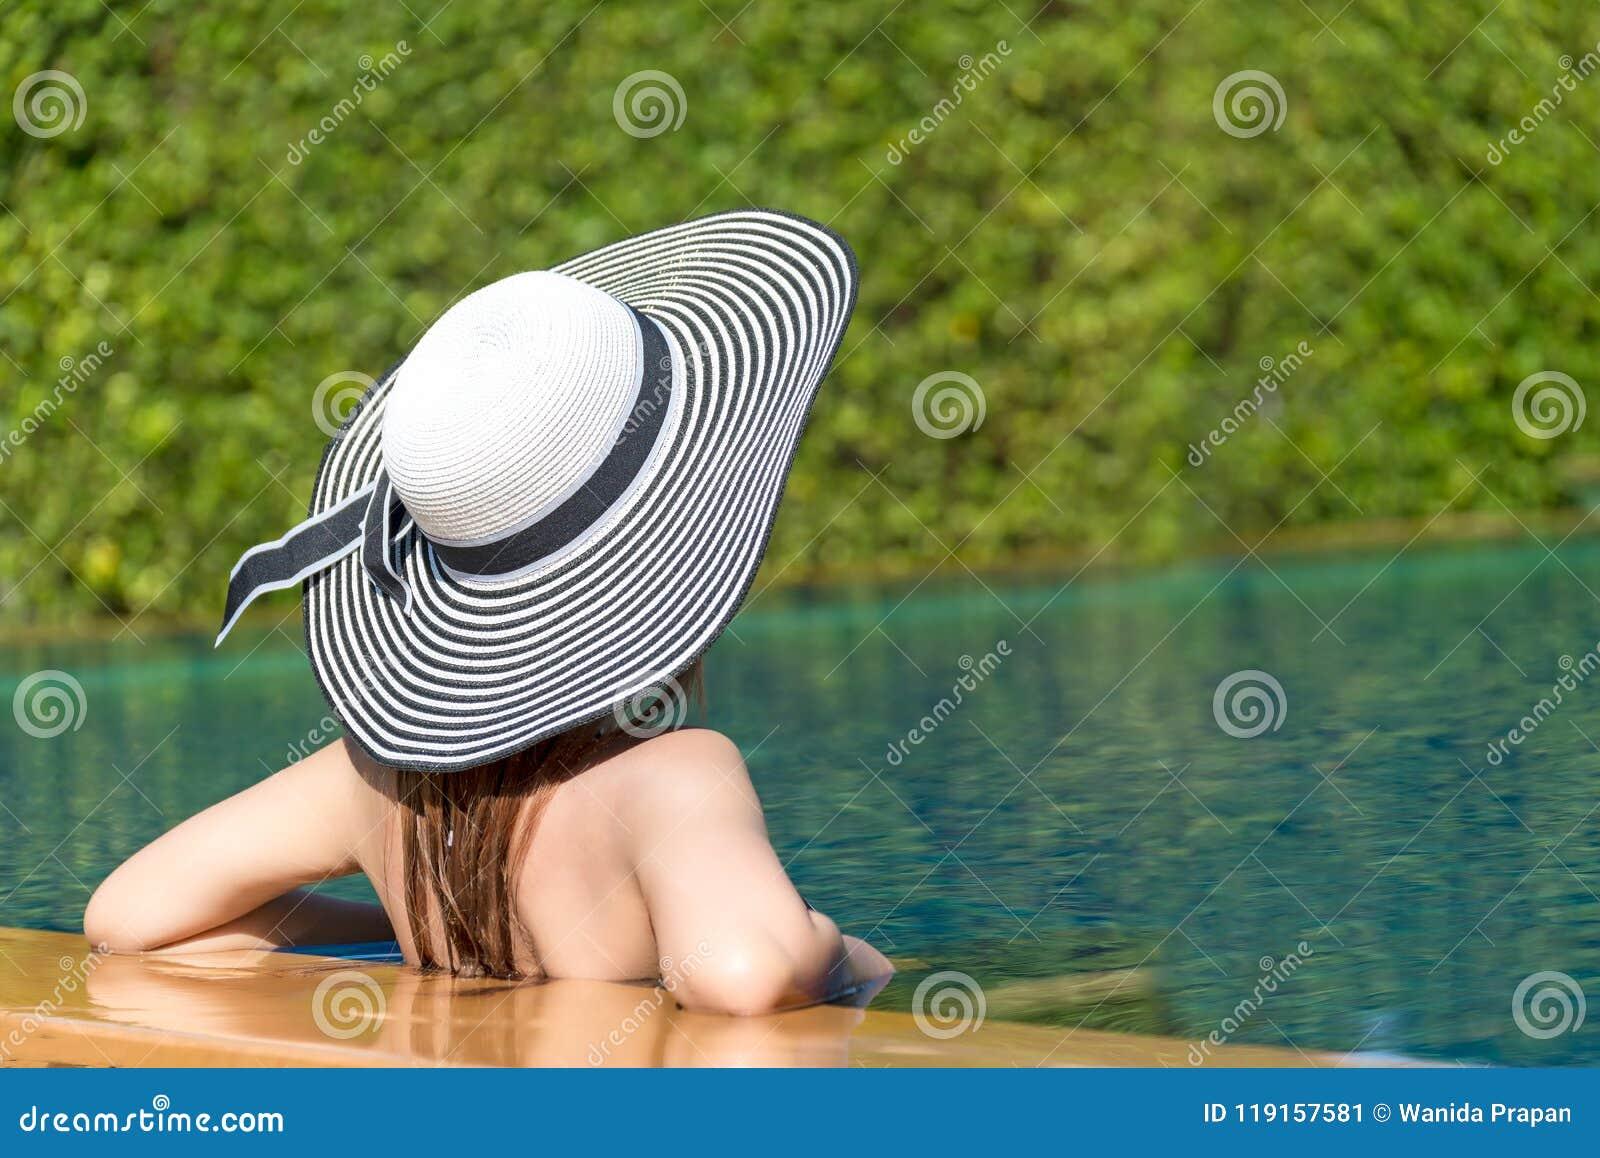 Forma de vida de la mujer joven tan feliz en el sombrero grande que se relaja en el lujo de la piscina